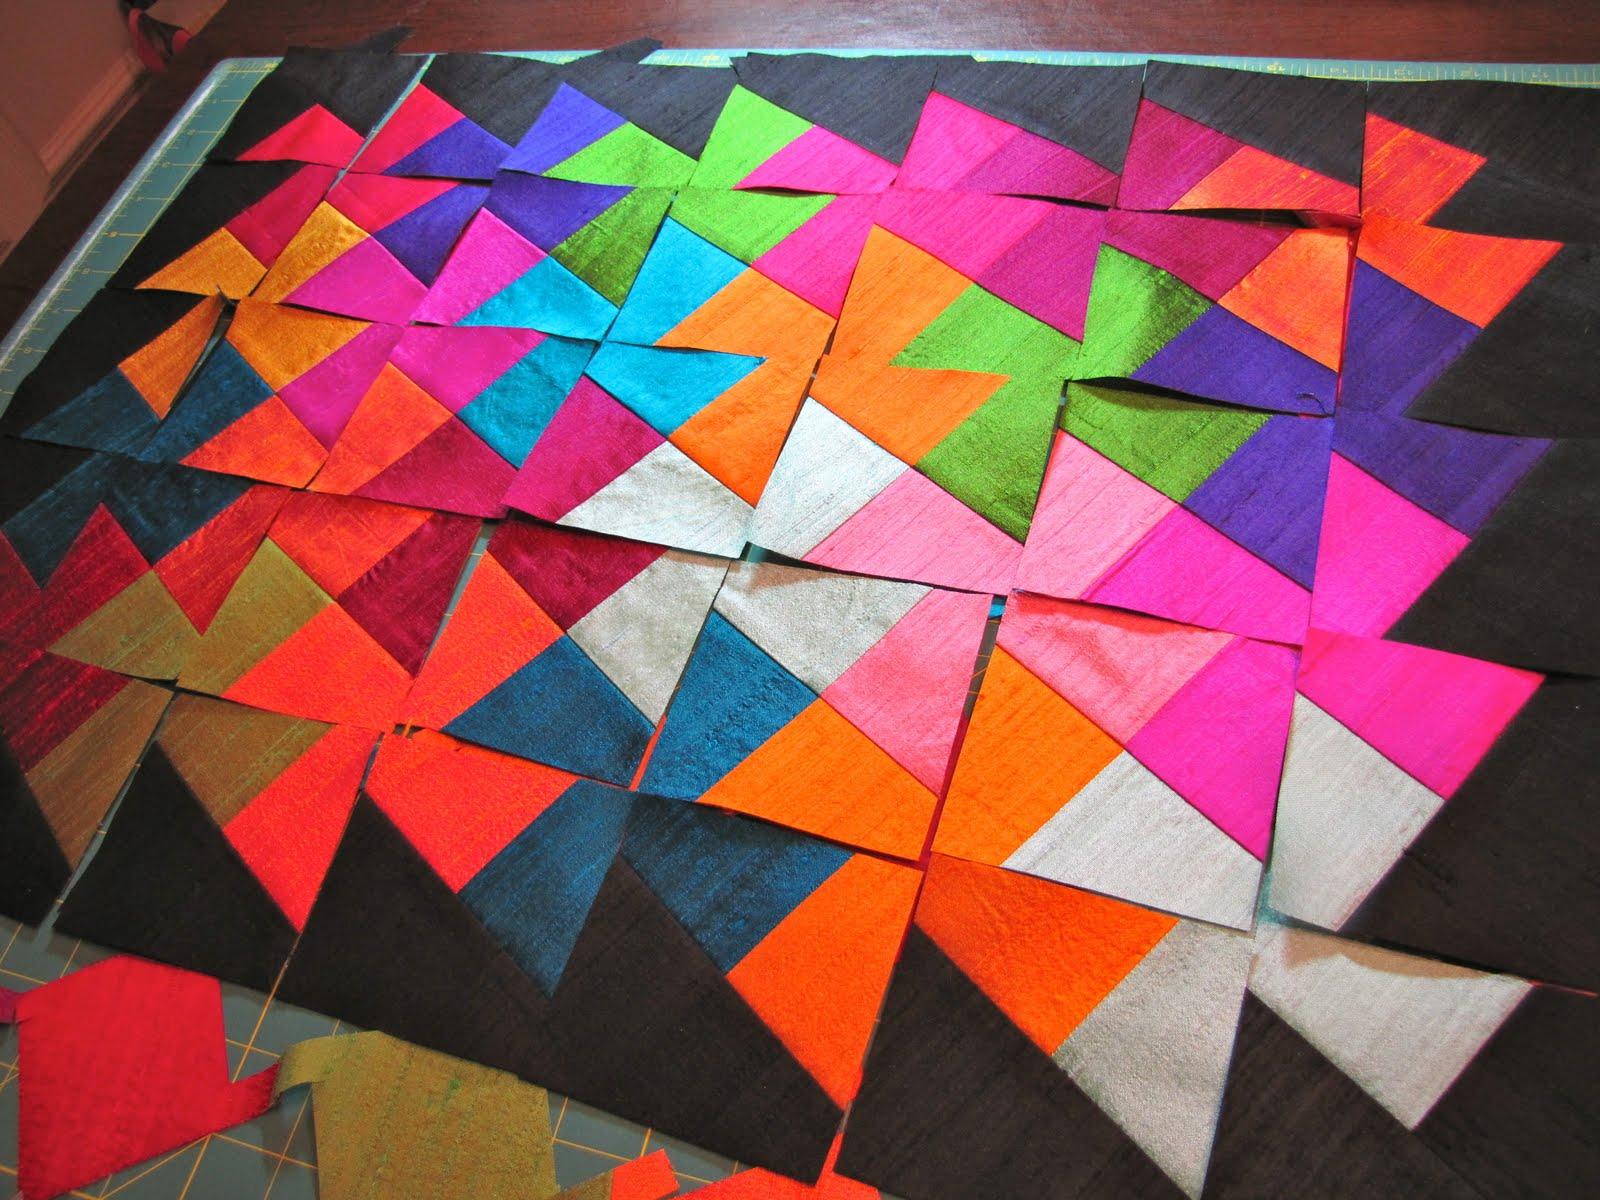 Canton Village Quilt Works | Lil' Twister Tutorial : twister quilt patterns - Adamdwight.com